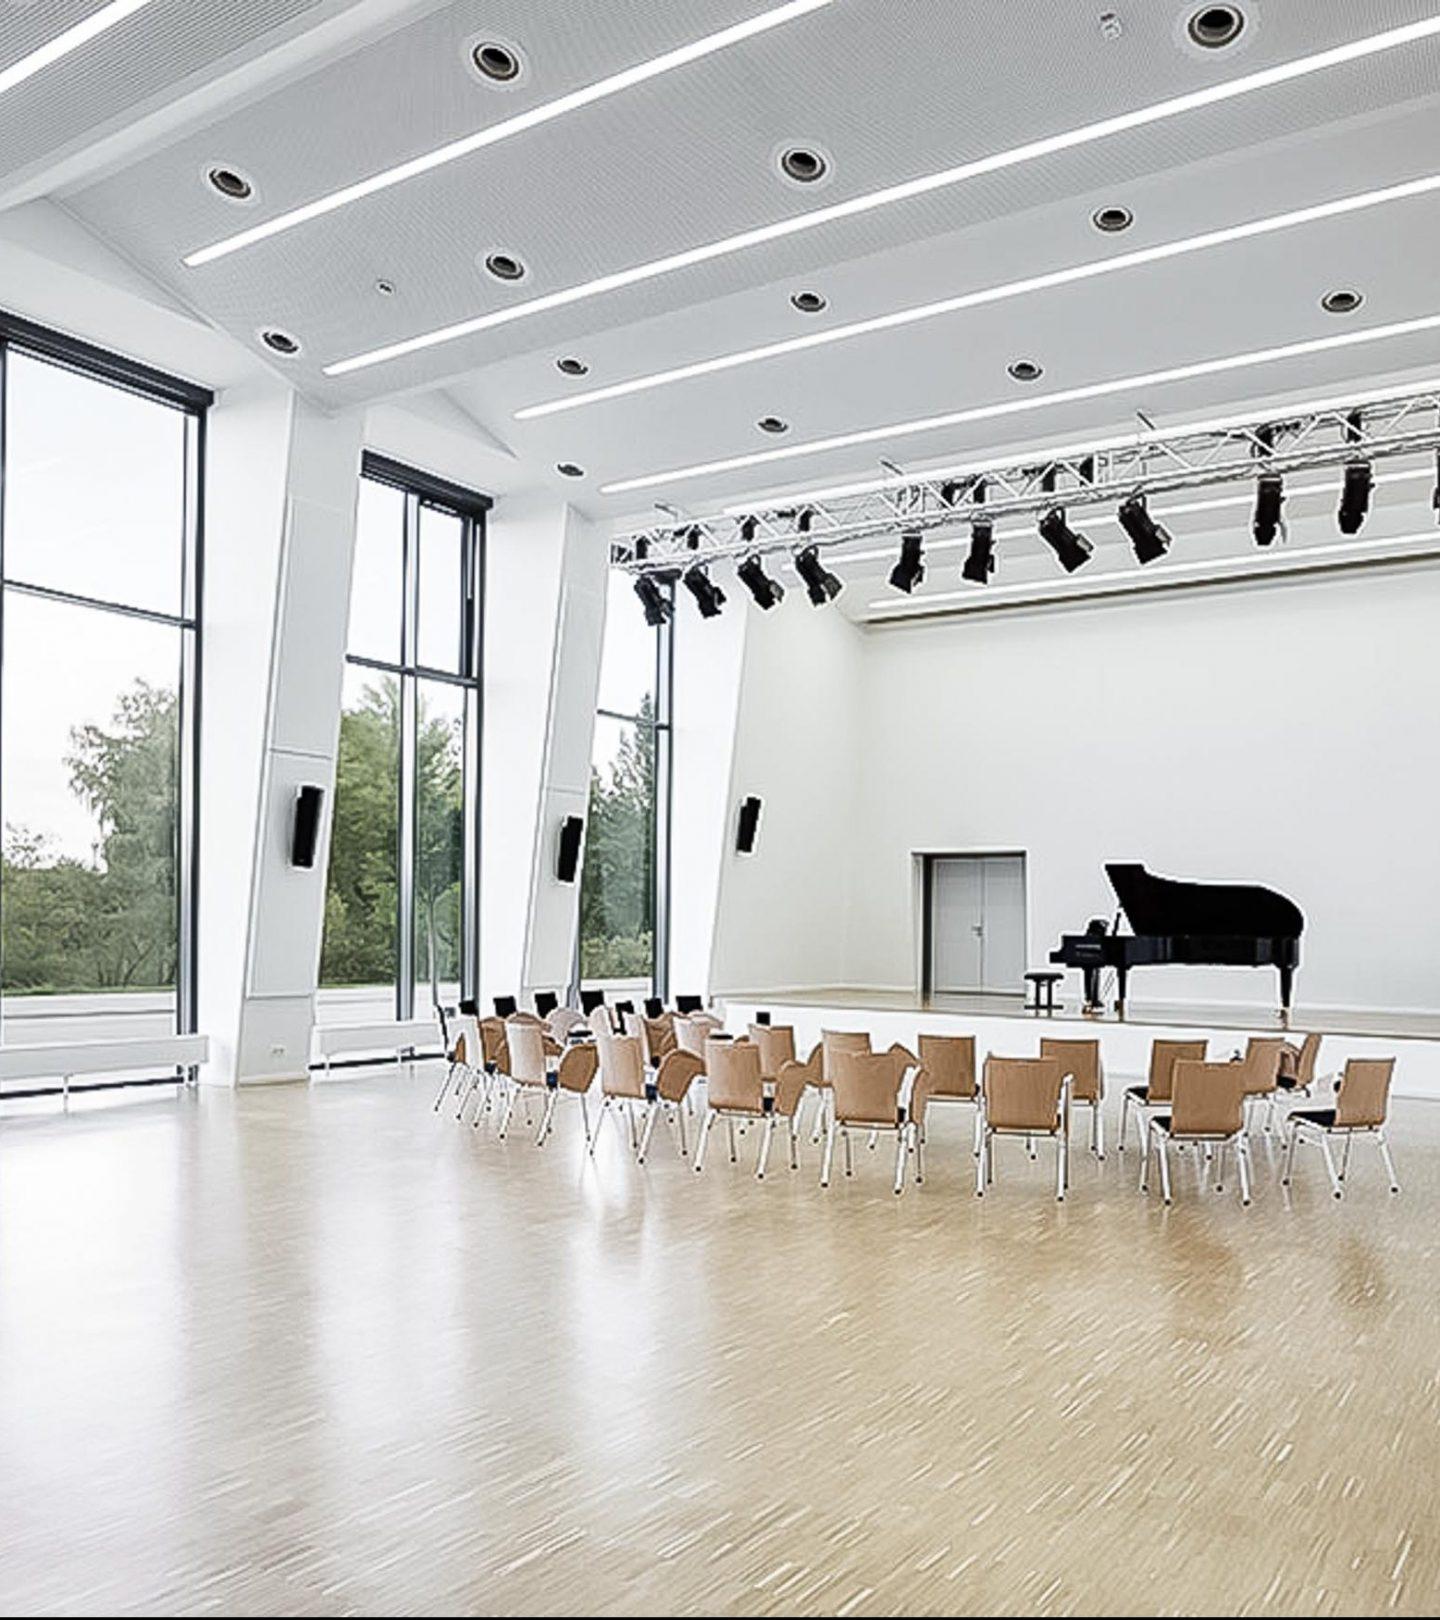 Paribus Hochschulportfolio Bayern - Vorlesungssaal mit Klavier der Universität Bamberg